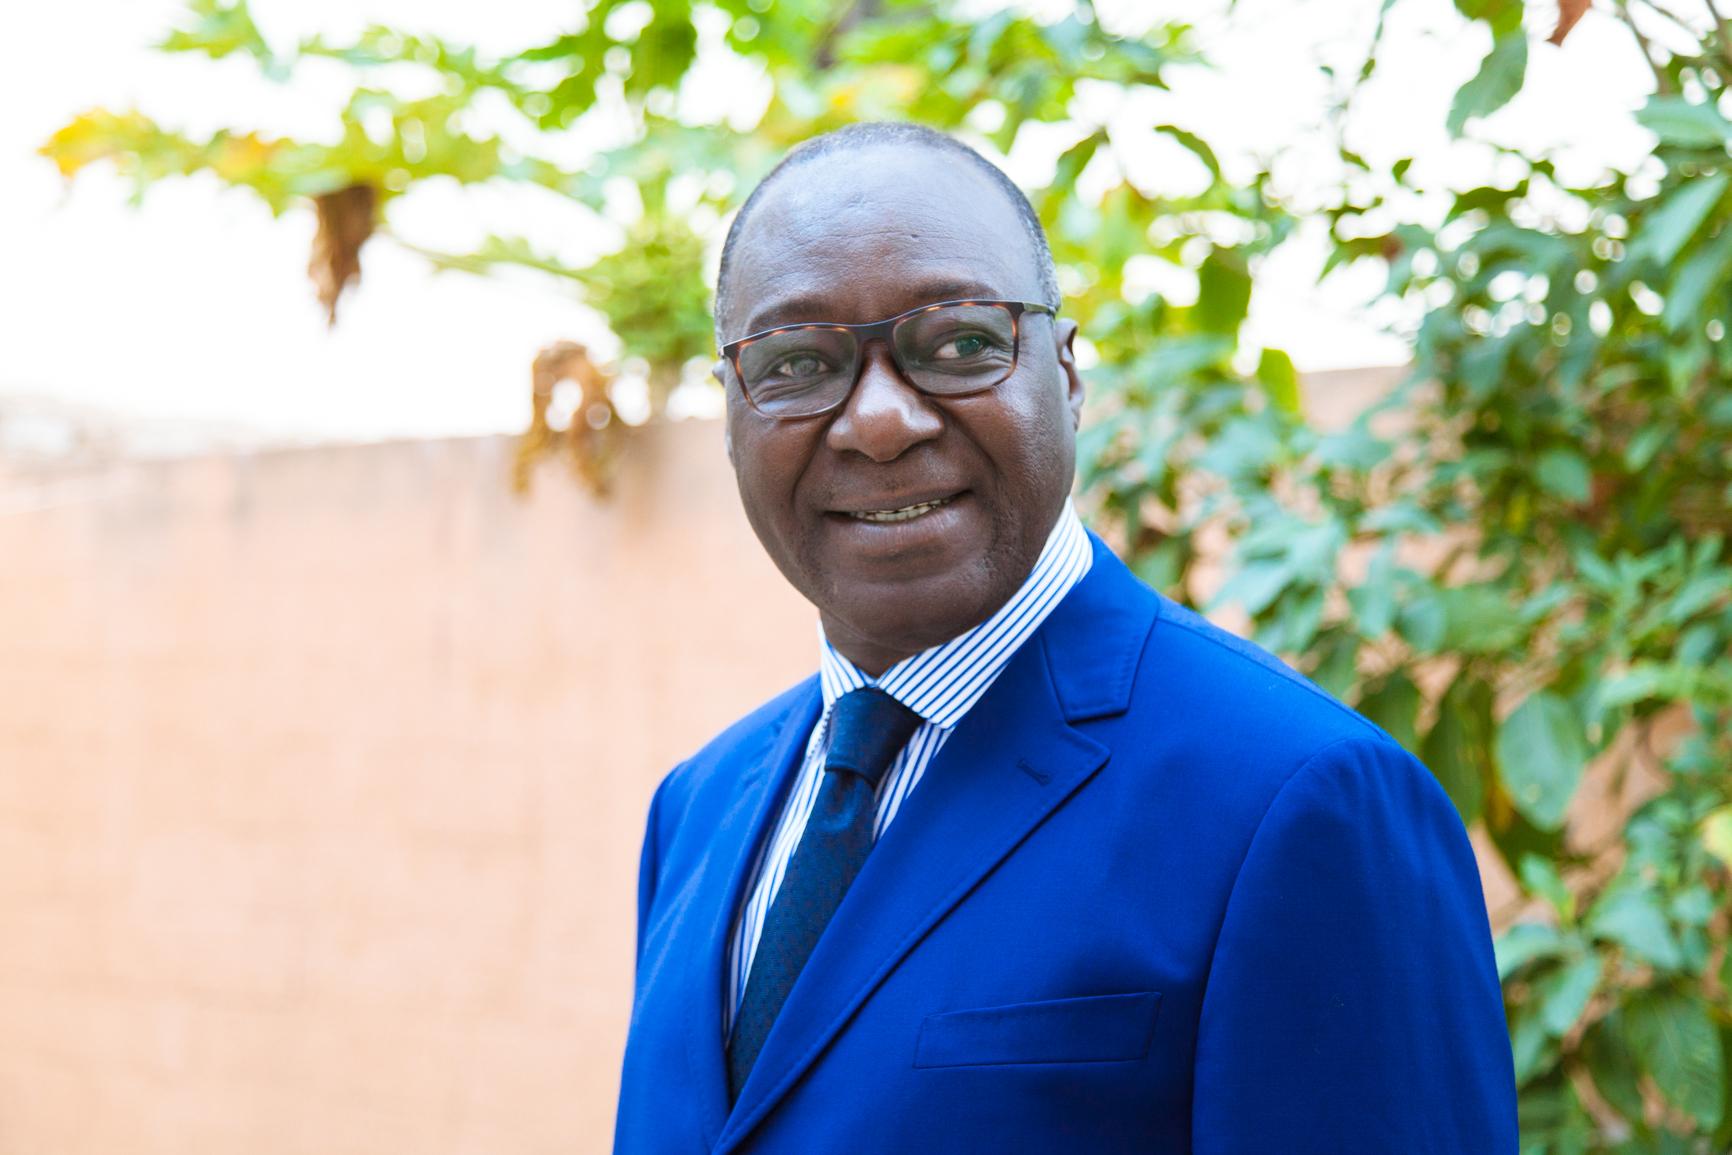 HABIB NDAO RECTIFIE TAS :  ' Son document sur les questions budgétaires est caractérisée par une approximation aberrante, des conclusions hâtives et sans rigueur scientifique '